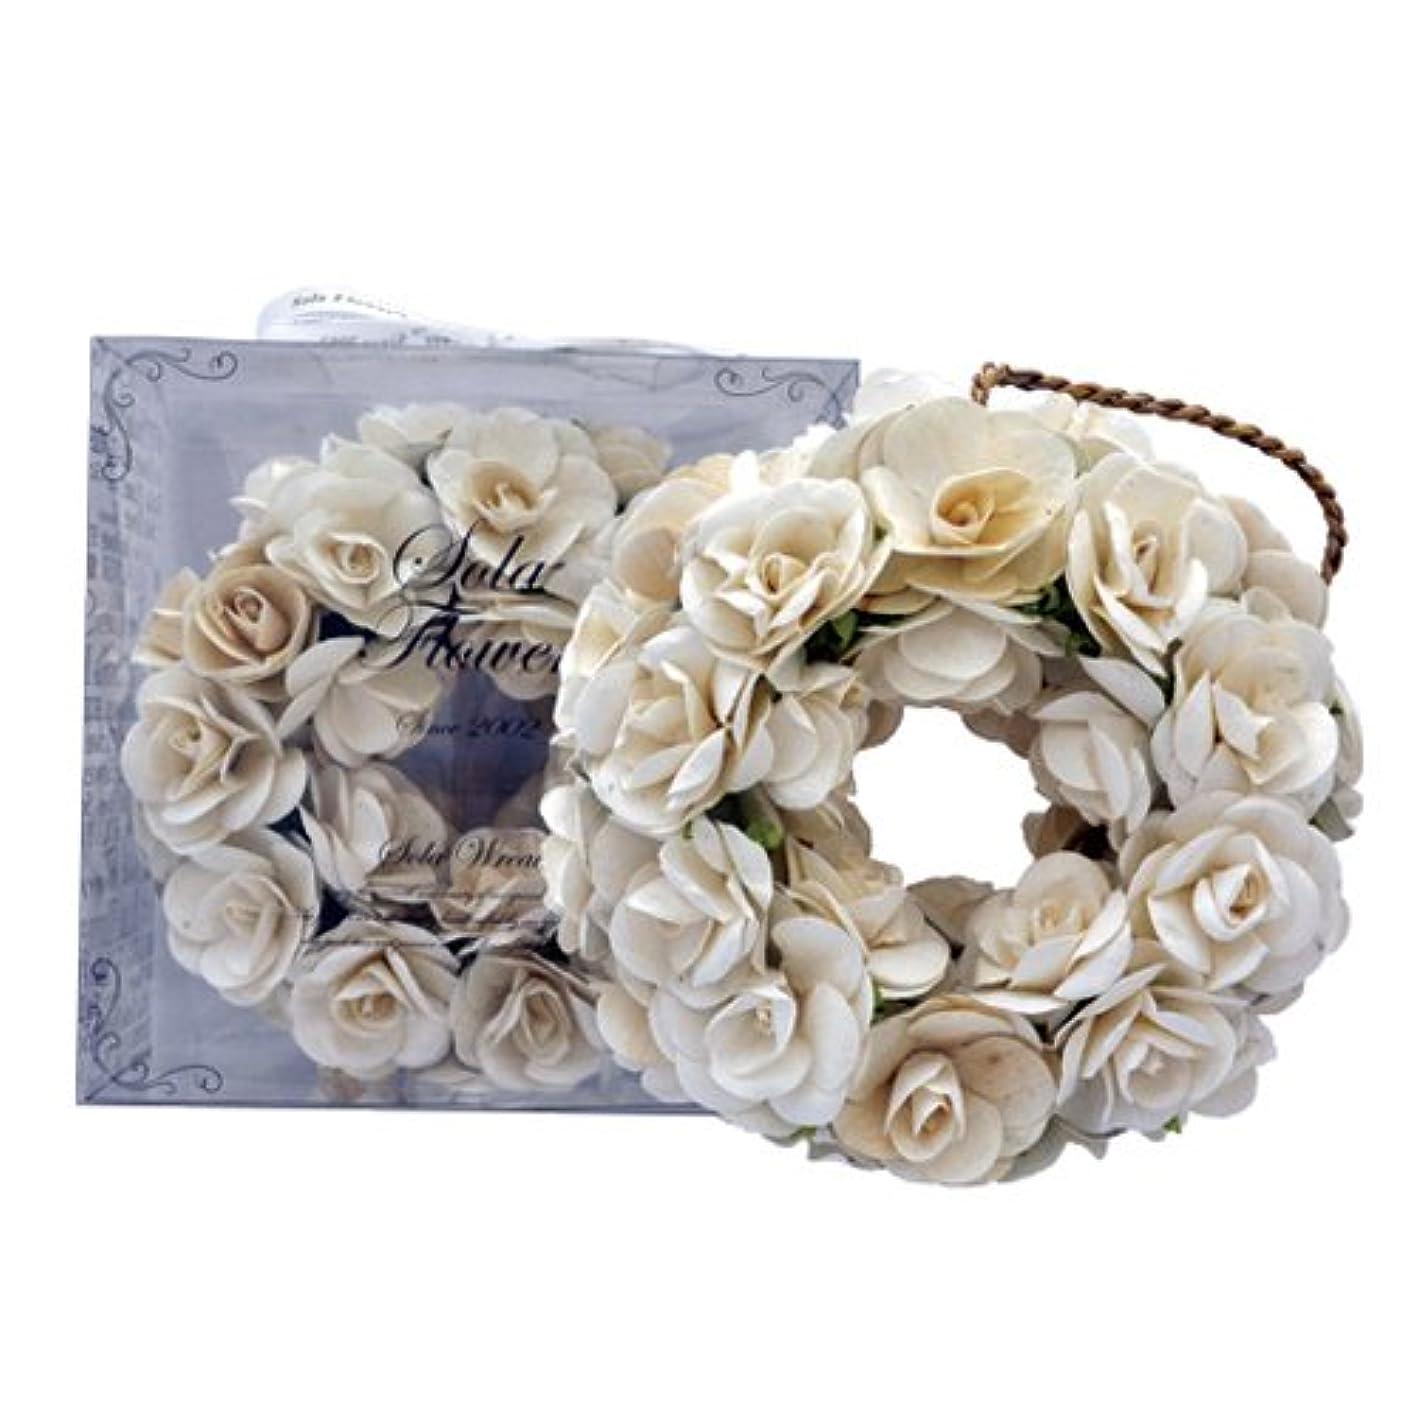 支出整理する乳new Sola Flower ソラフラワー リース Original Rose オリジナルローズ Wreath